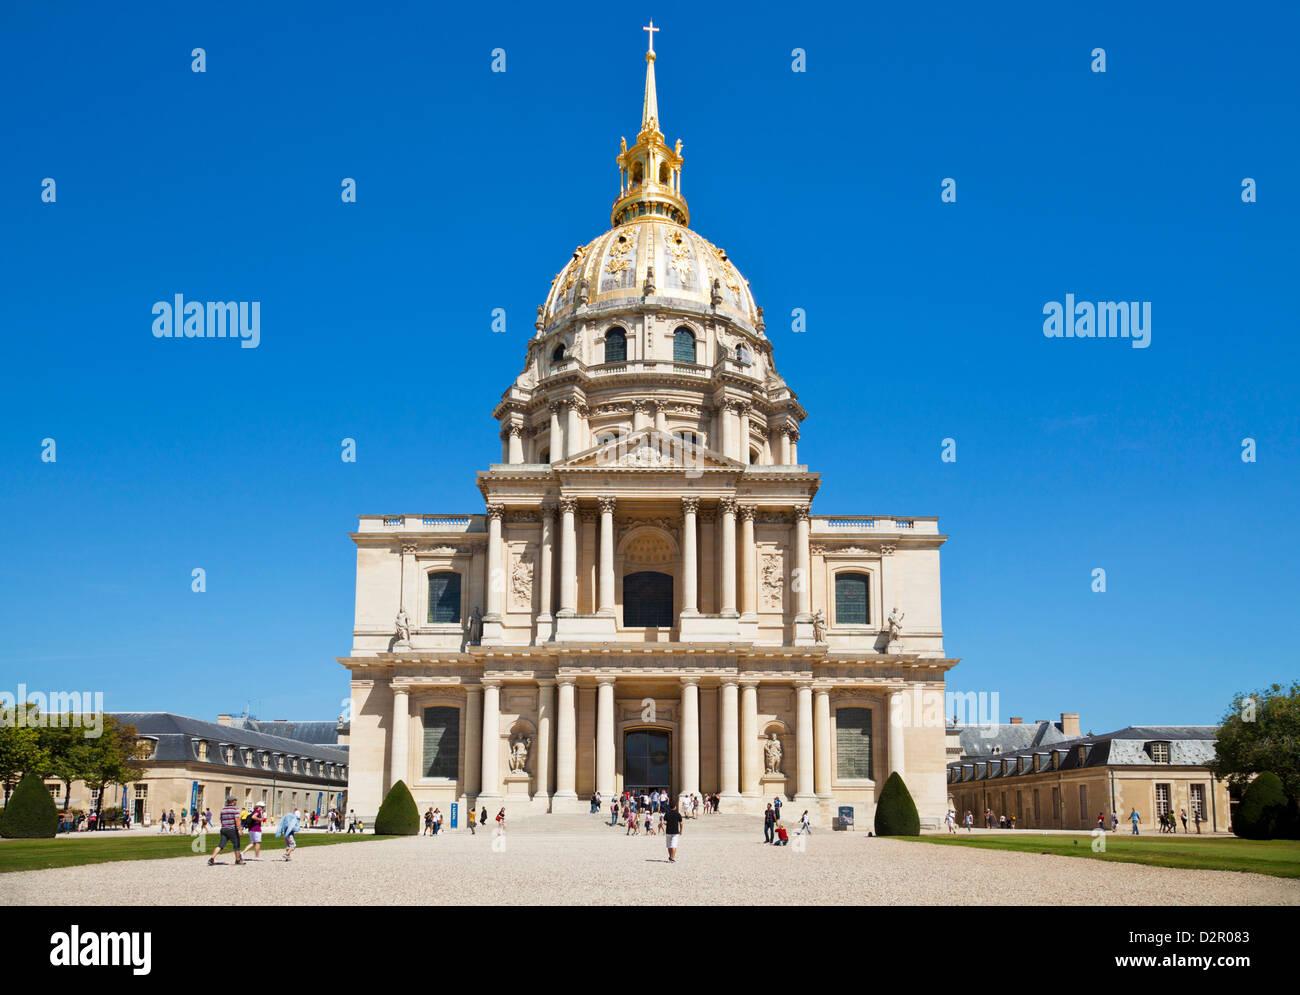 Eglise du Dome, Les Invalides, Paris, France, Europe - Stock Image